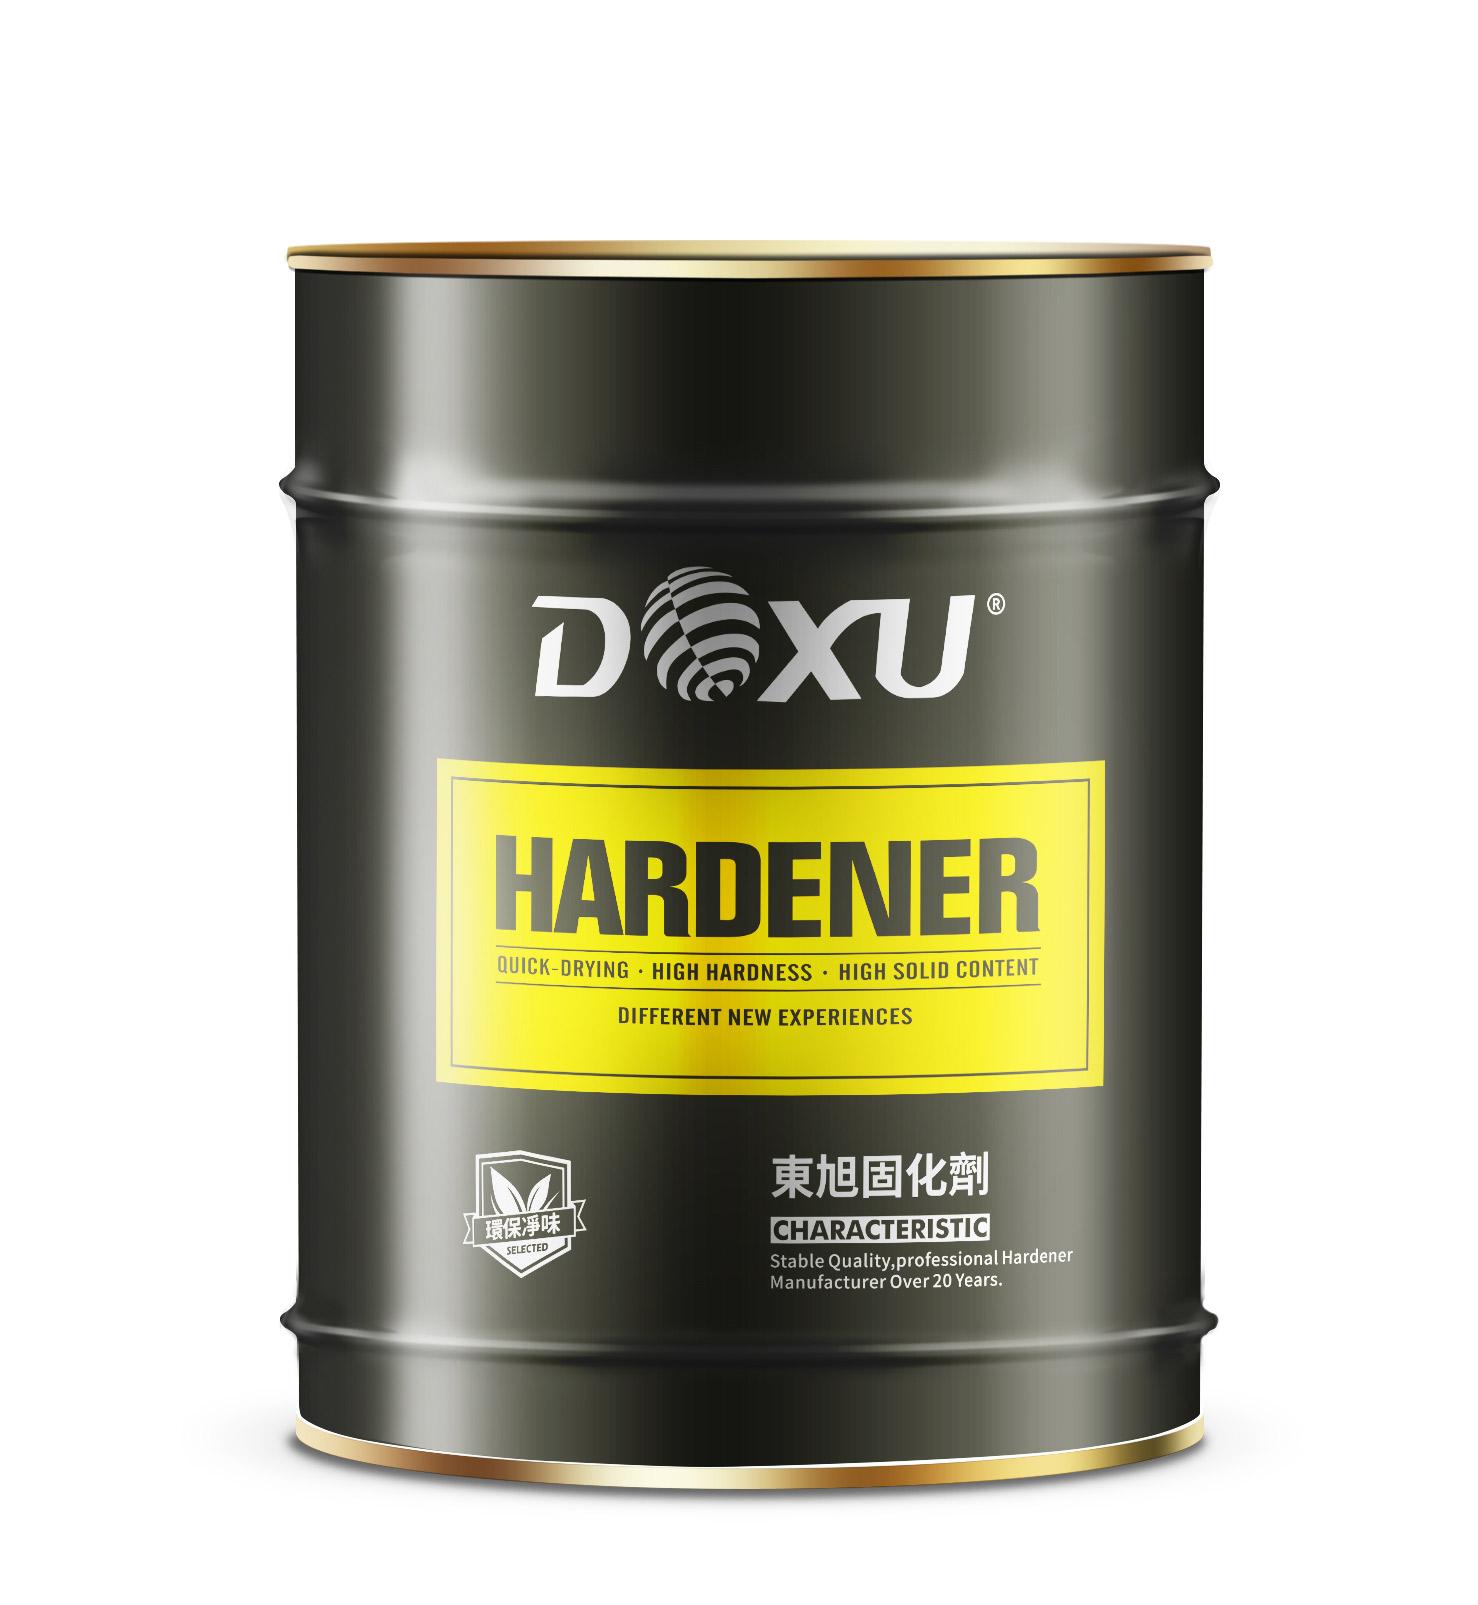 混凝土硬化地坪_的PU高固含通用型固化剂厂家推荐